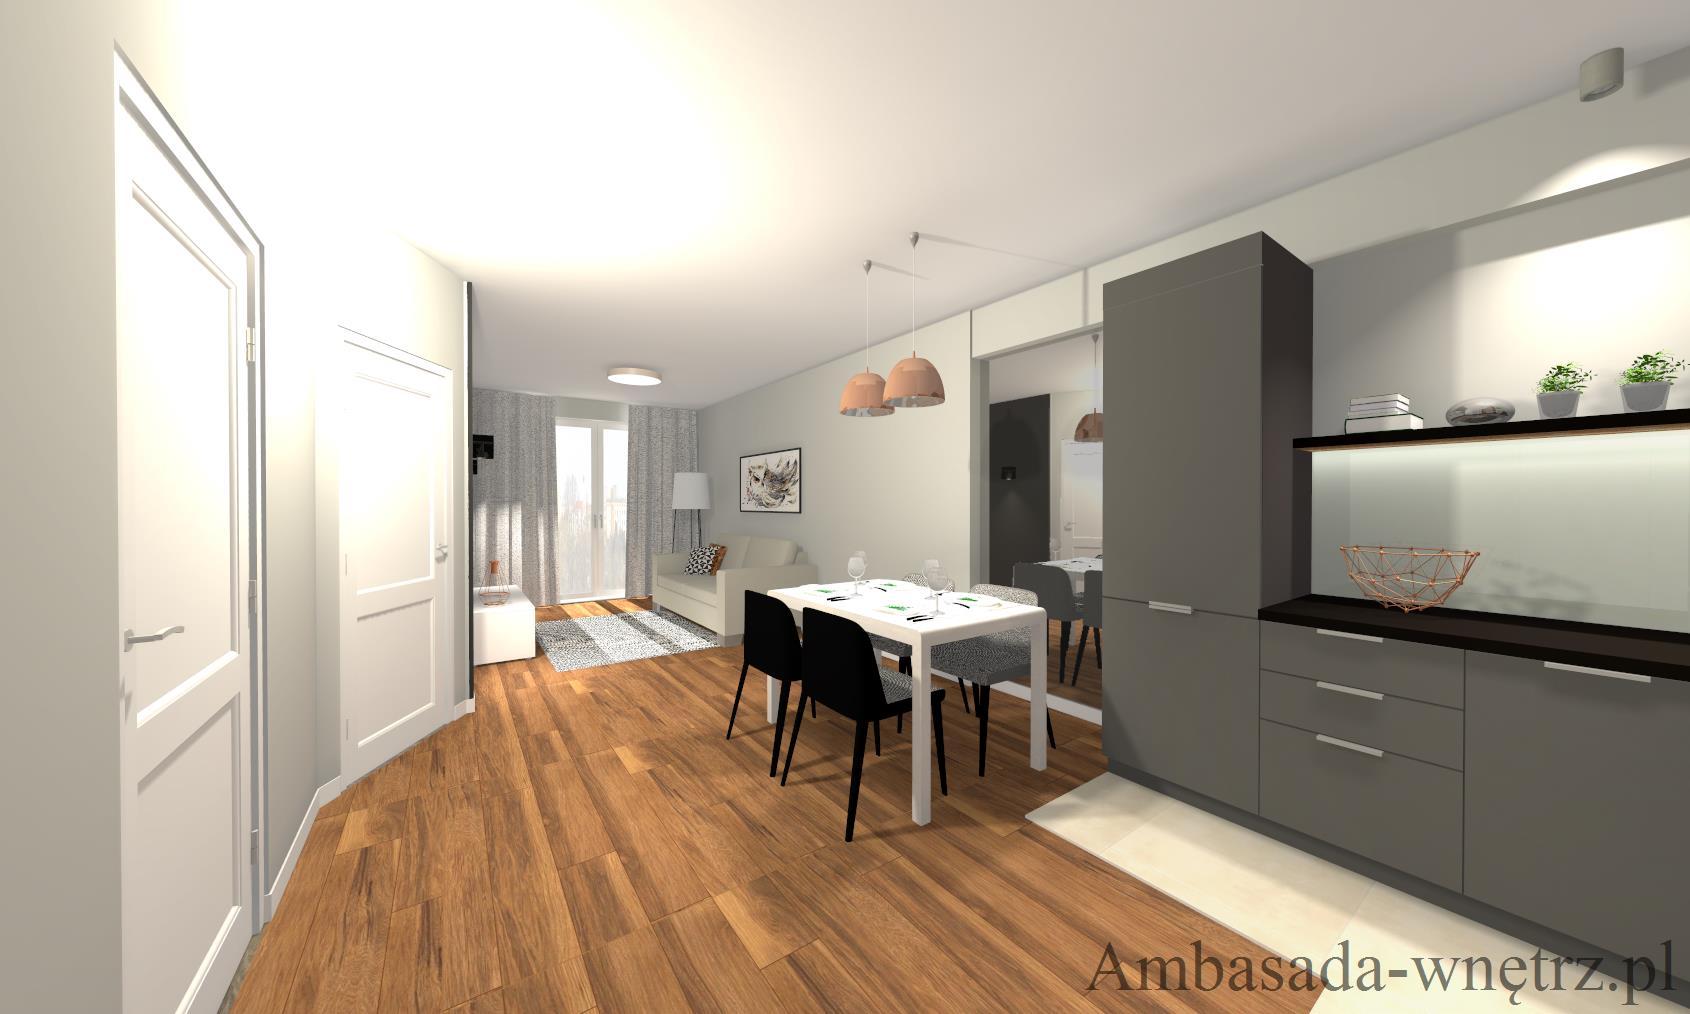 Apartament miedziany Projektowanie wnętrz Białystok